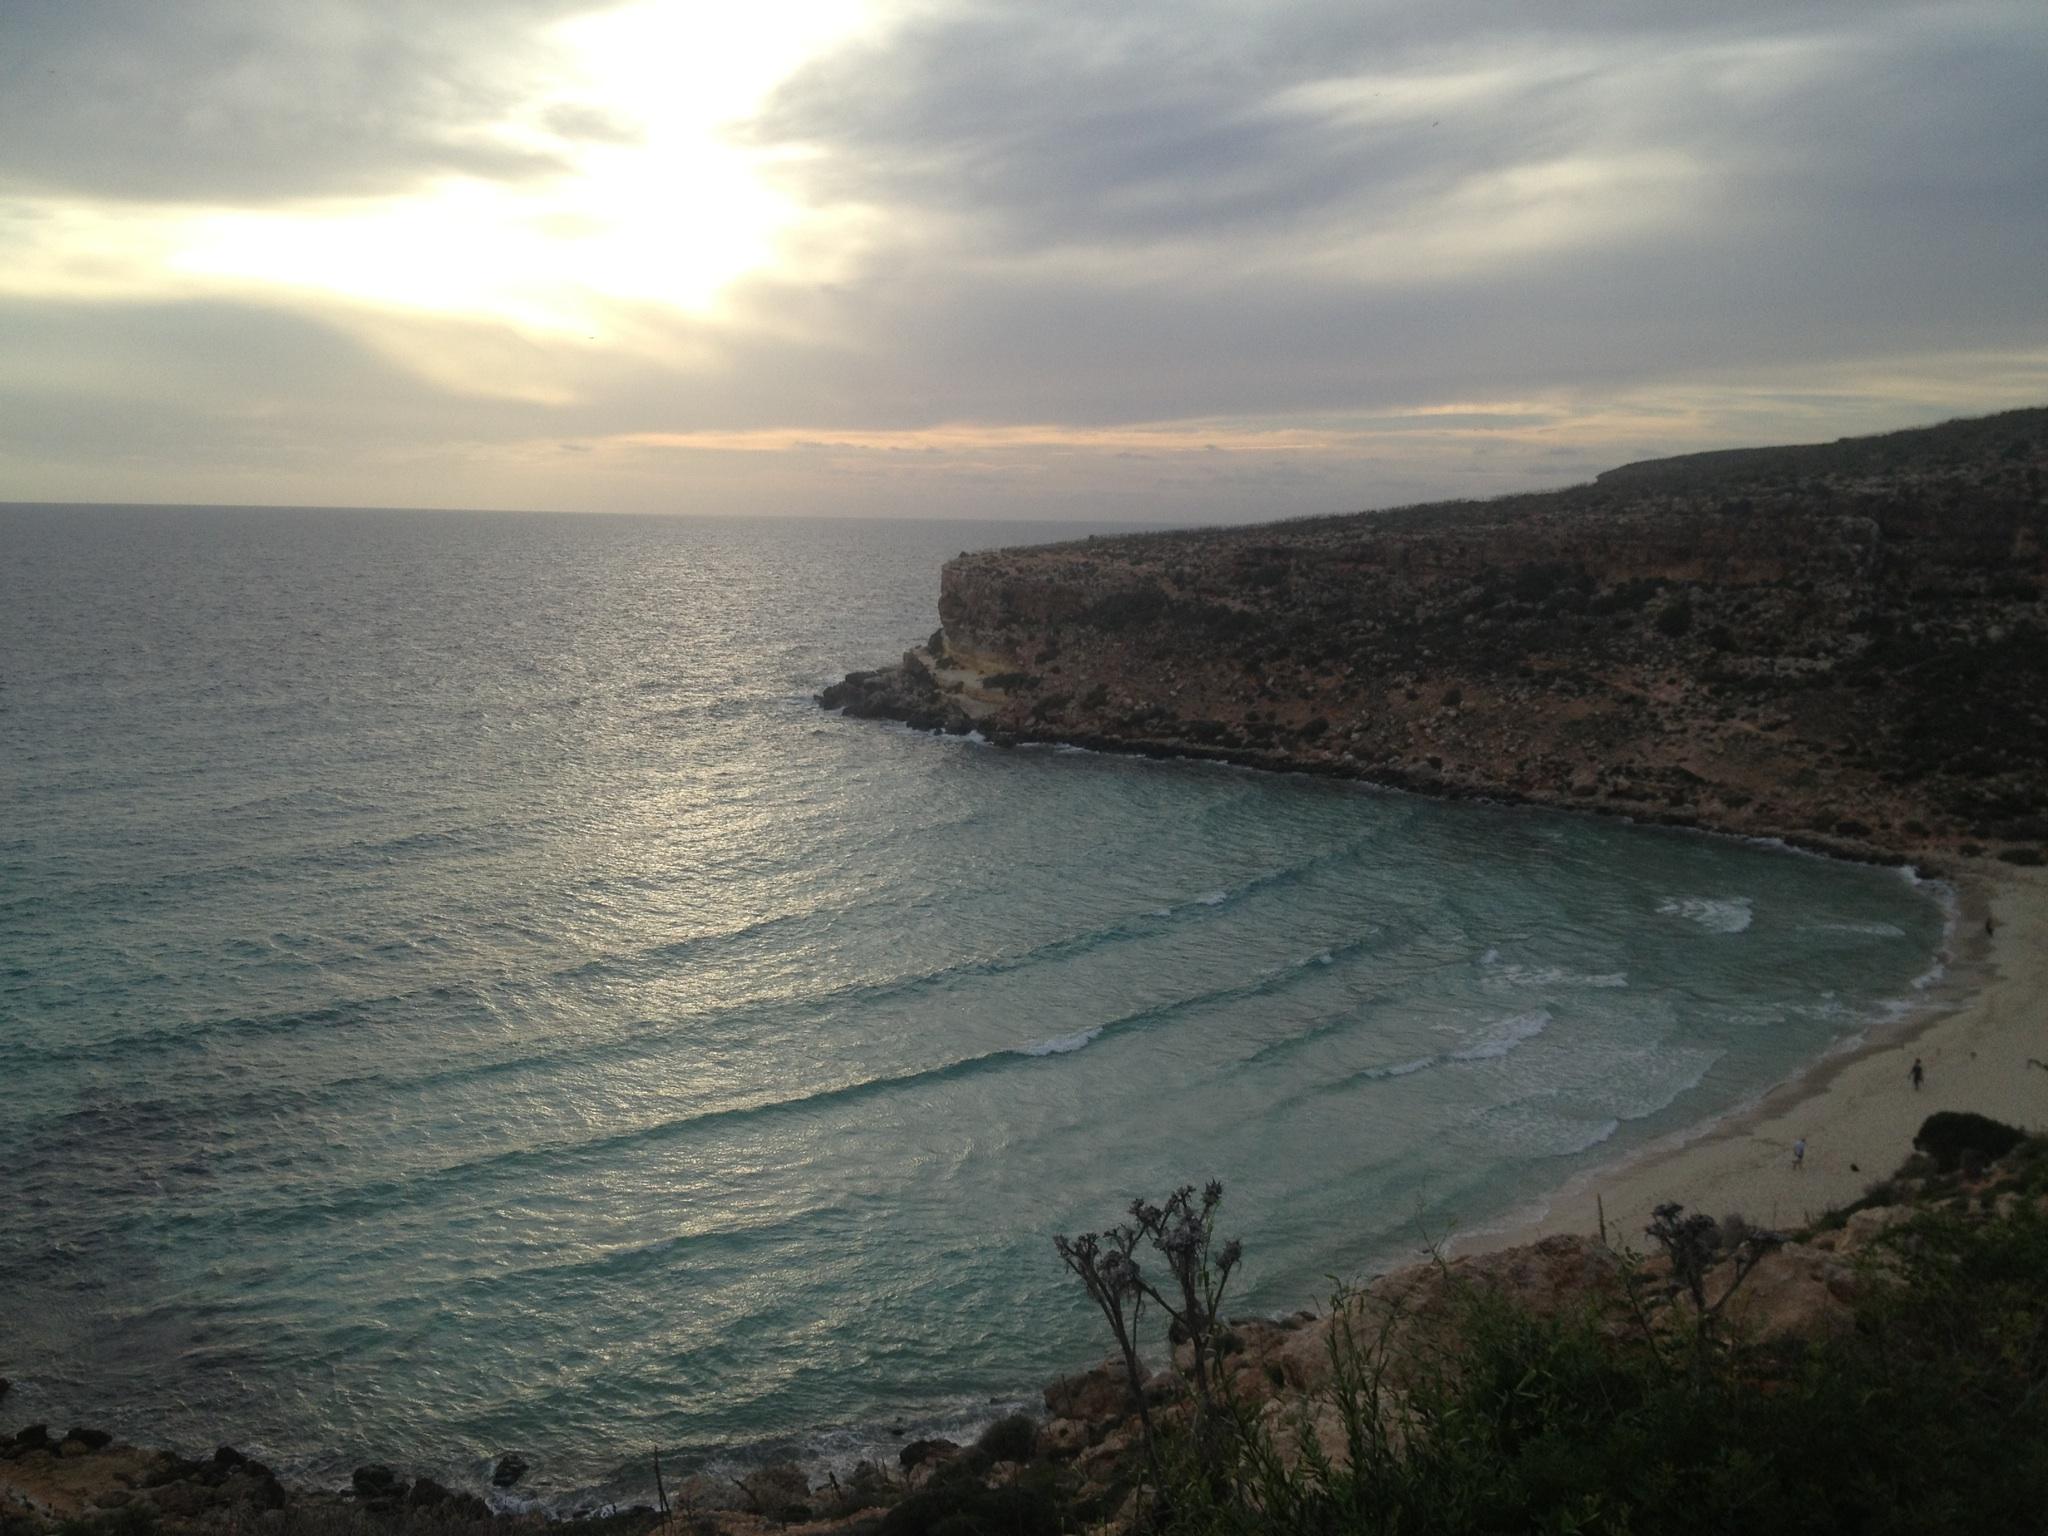 La plus célèbre plage de Lampedusa : la Plage des Lapins. C'est là que le dernier cadavre du naufrage du 3 octobre a été retrouvée le 20 octobre 2013.